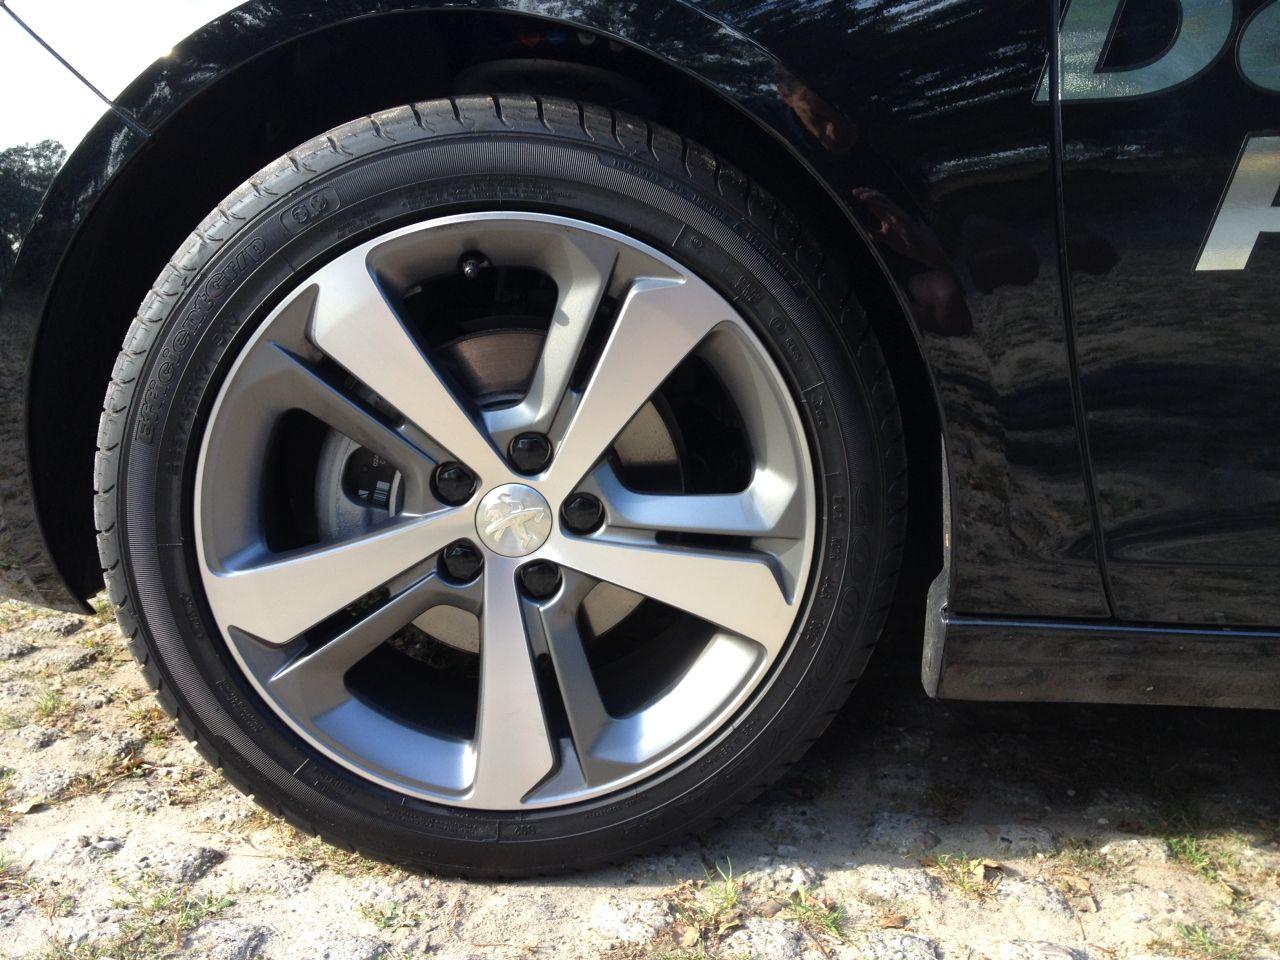 17 Inch Rubis Velgen Peugeot 308 Carblogger